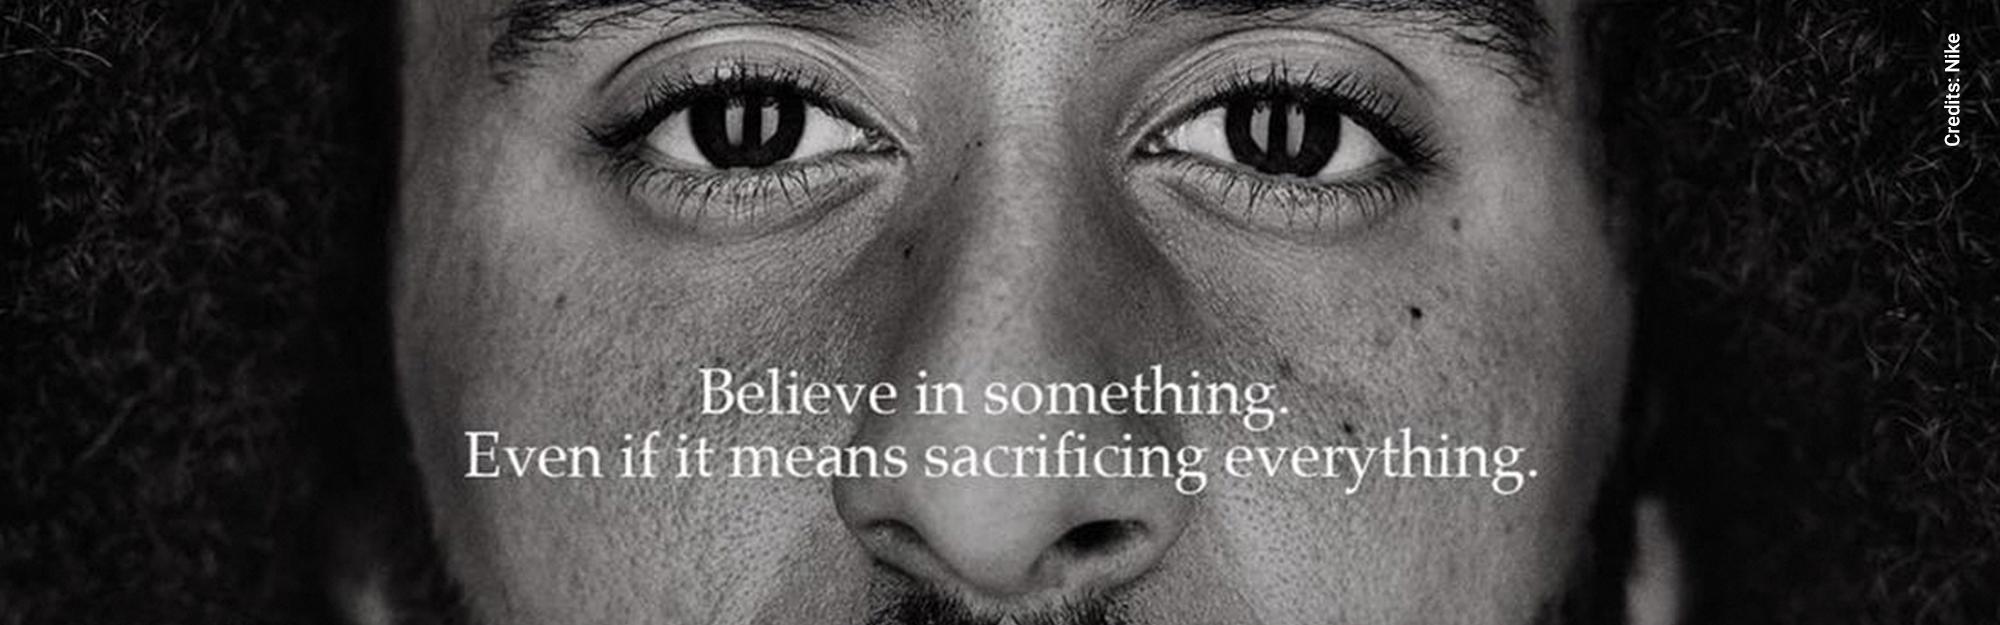 """Brand positioning, storytelling e strategia: alcune case history, da Taffo a Motta, fino al """"caso Nike"""" con Colin Kaepernick"""